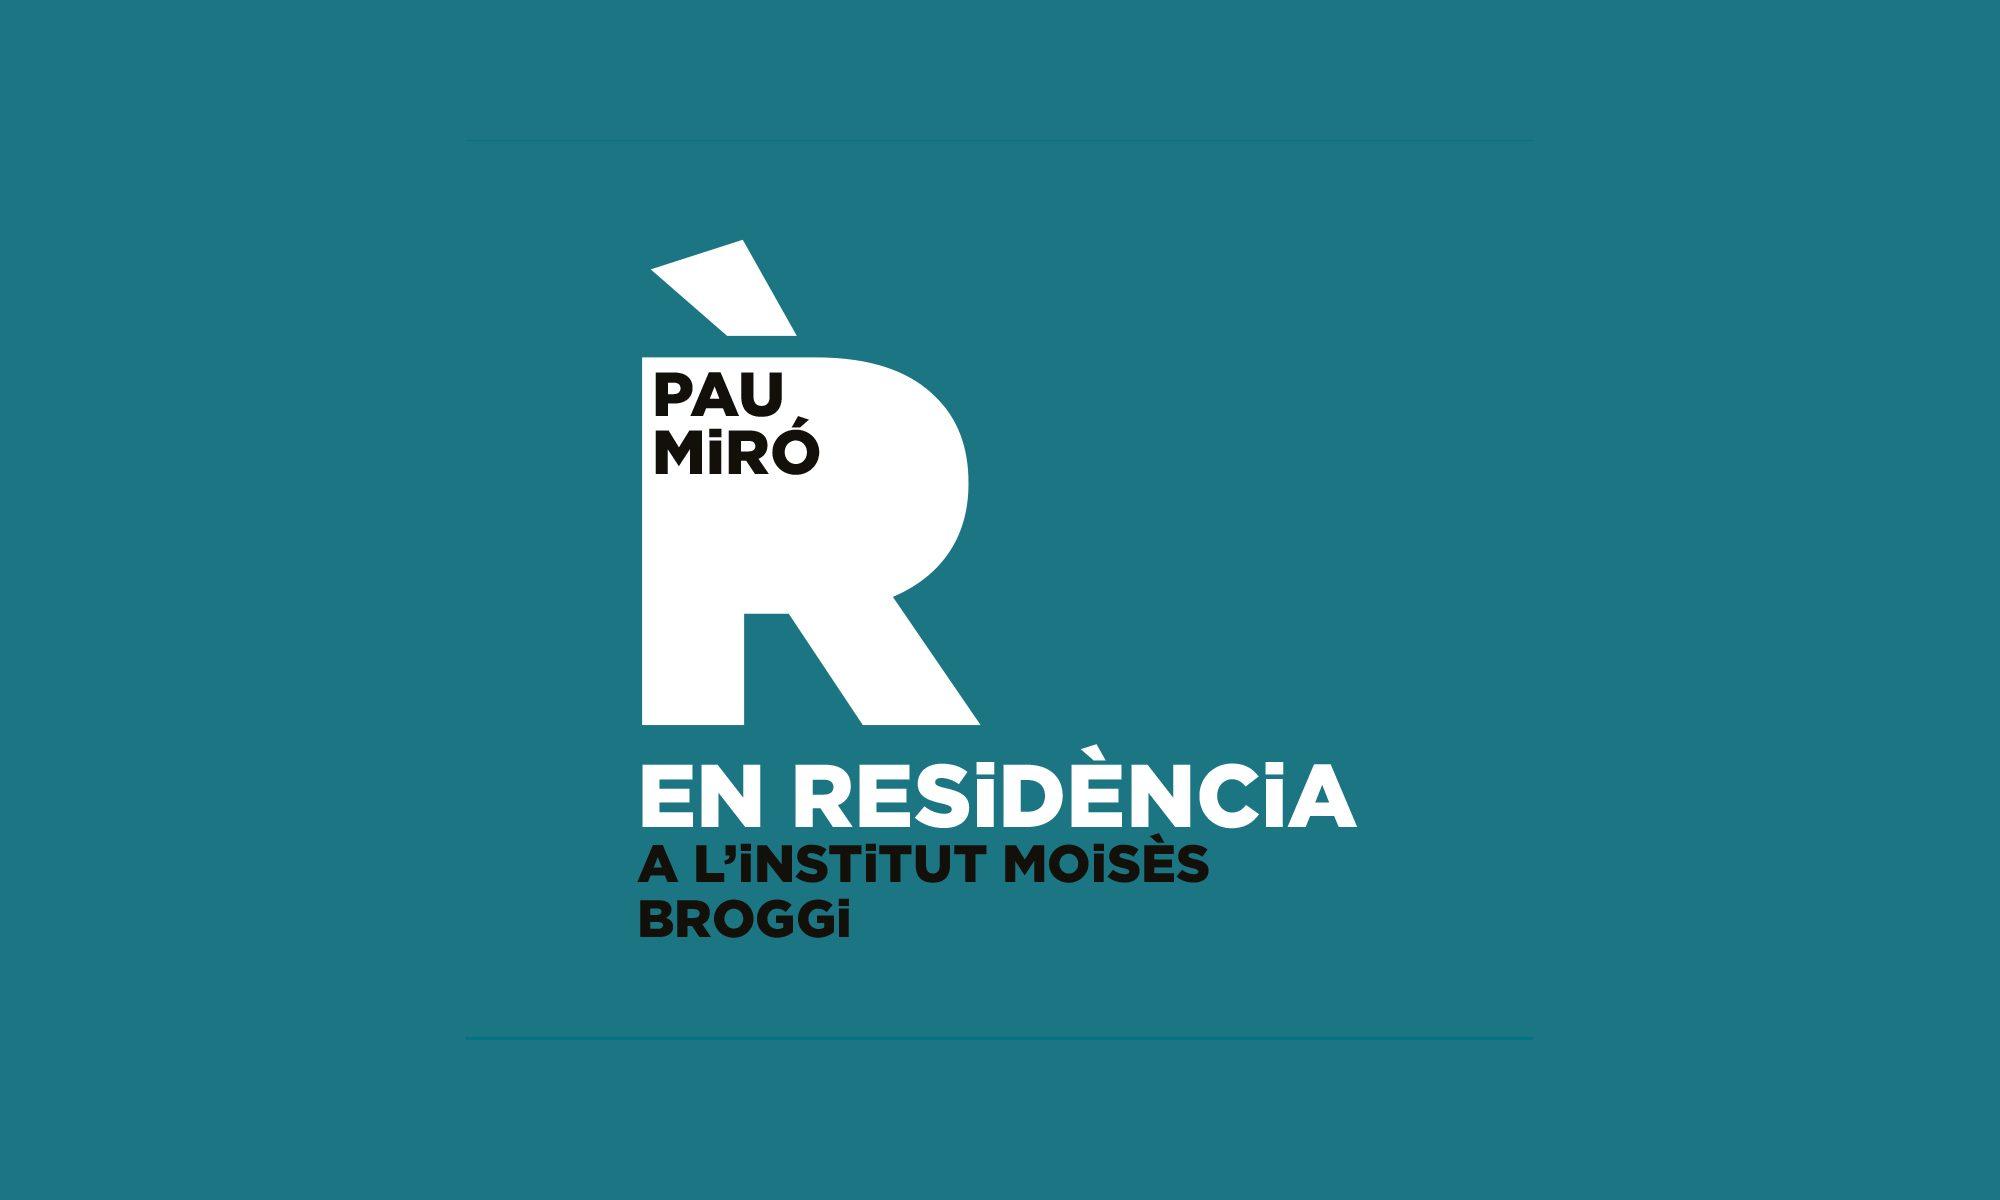 Pau Miró EN RESiDÈNCiA